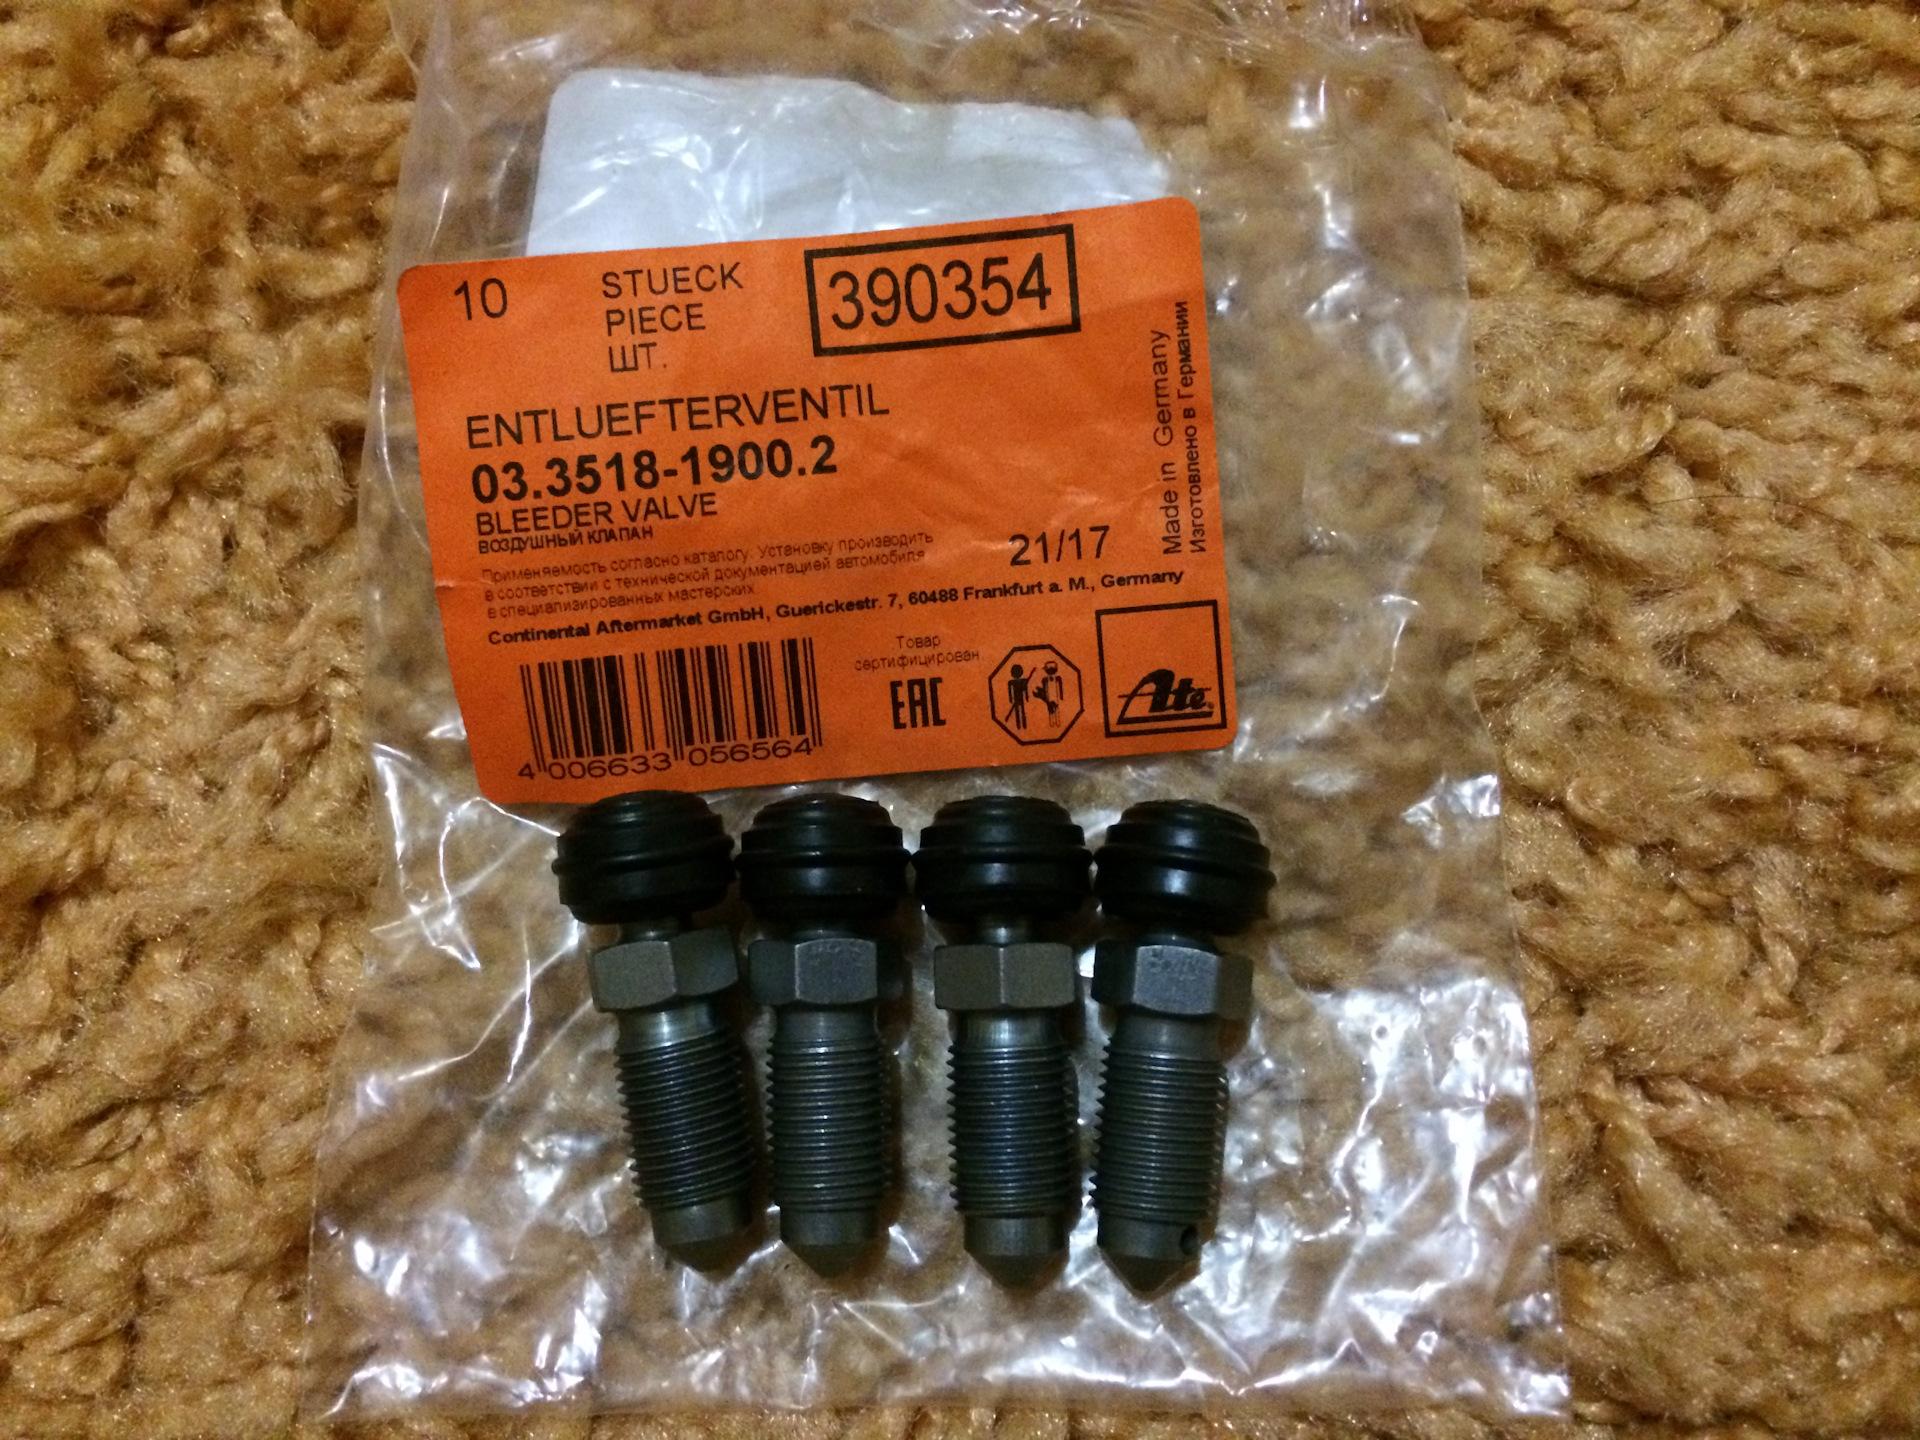 штуцер прокачки тормозов Seat Alhambra 03351819002/357615273